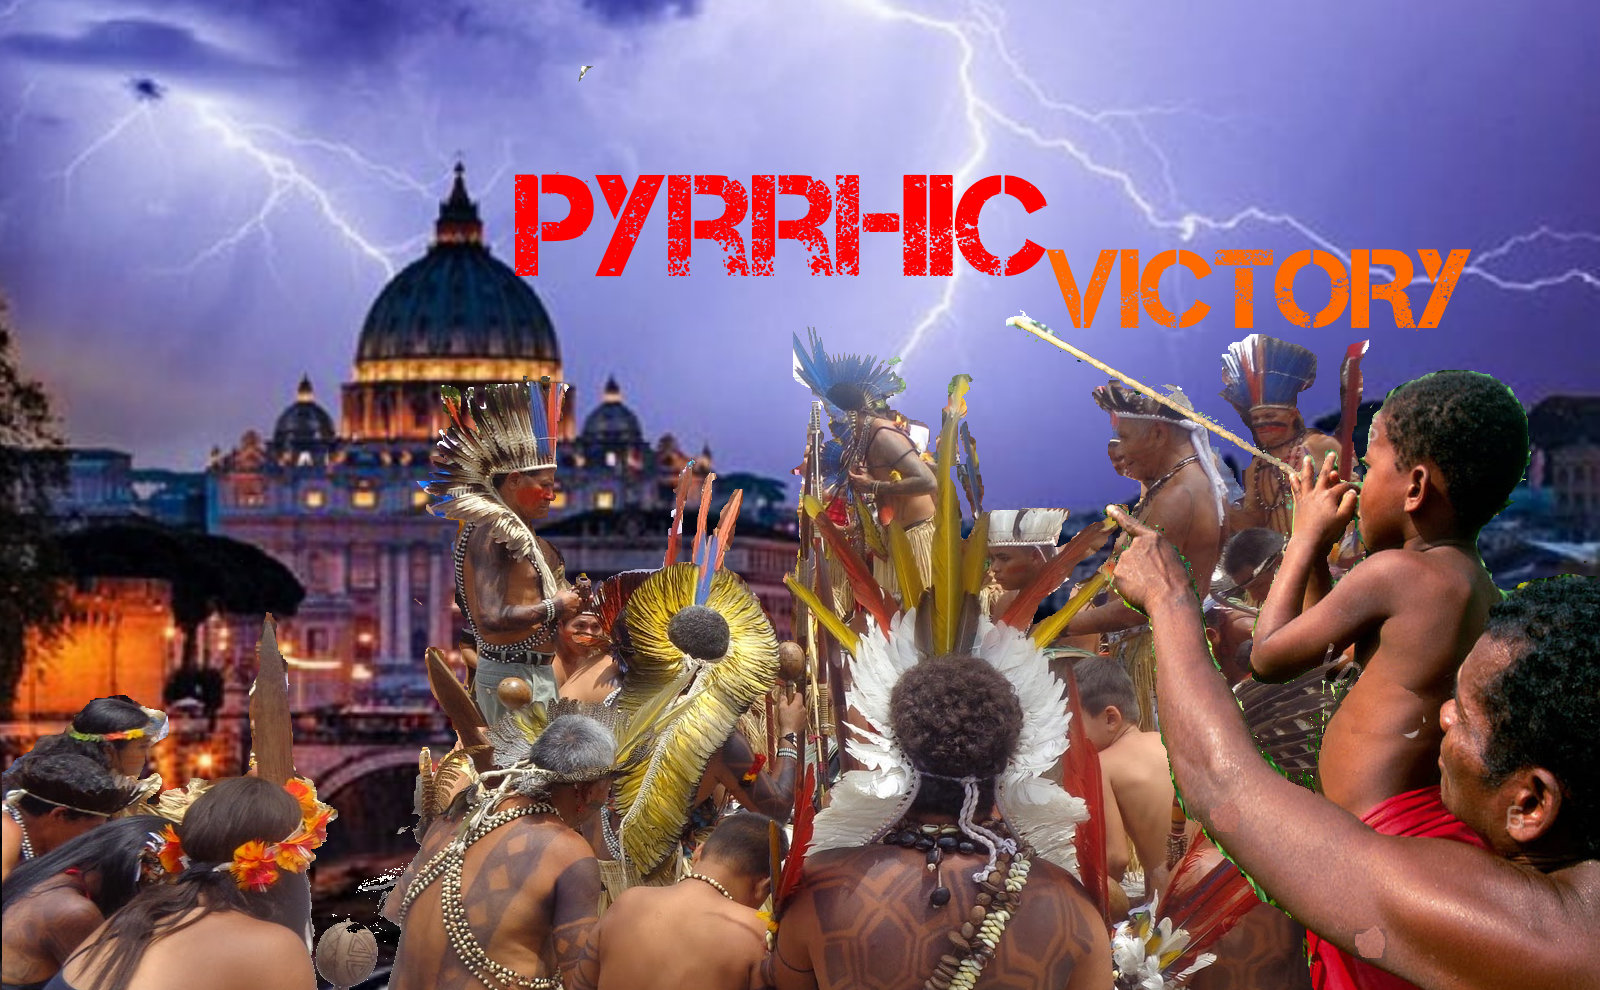 Querida Amazzonia? A Pyrrhic victory